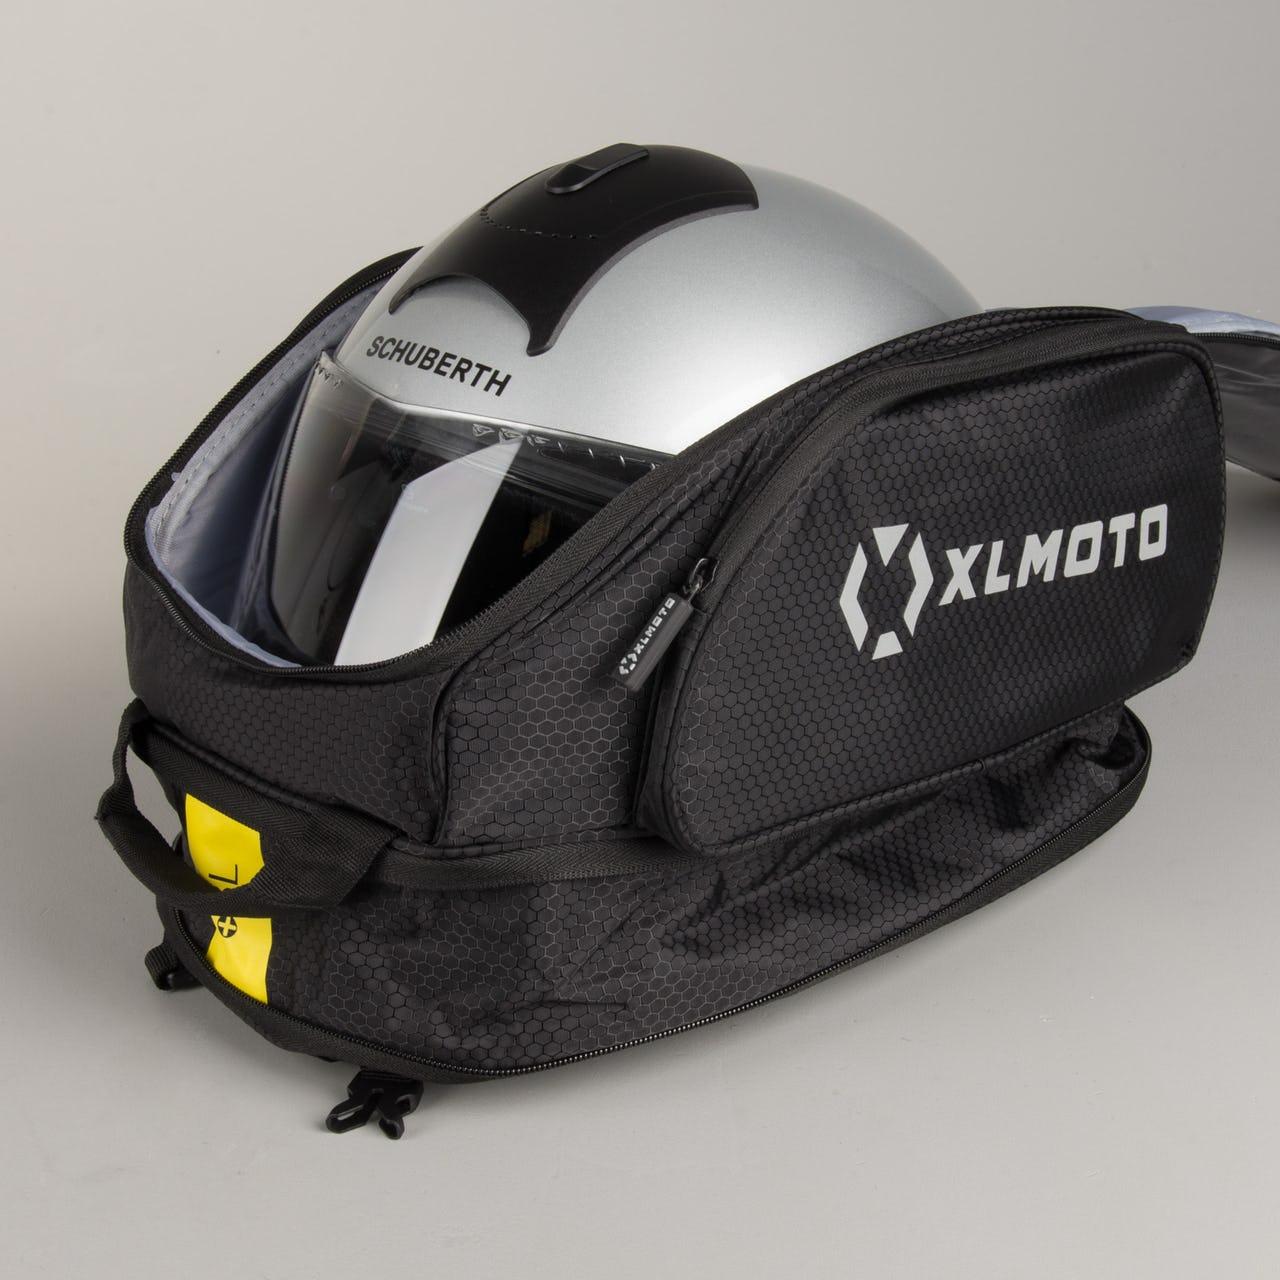 Sacoche de réservoir XLMoto Strategic 20 - 8L